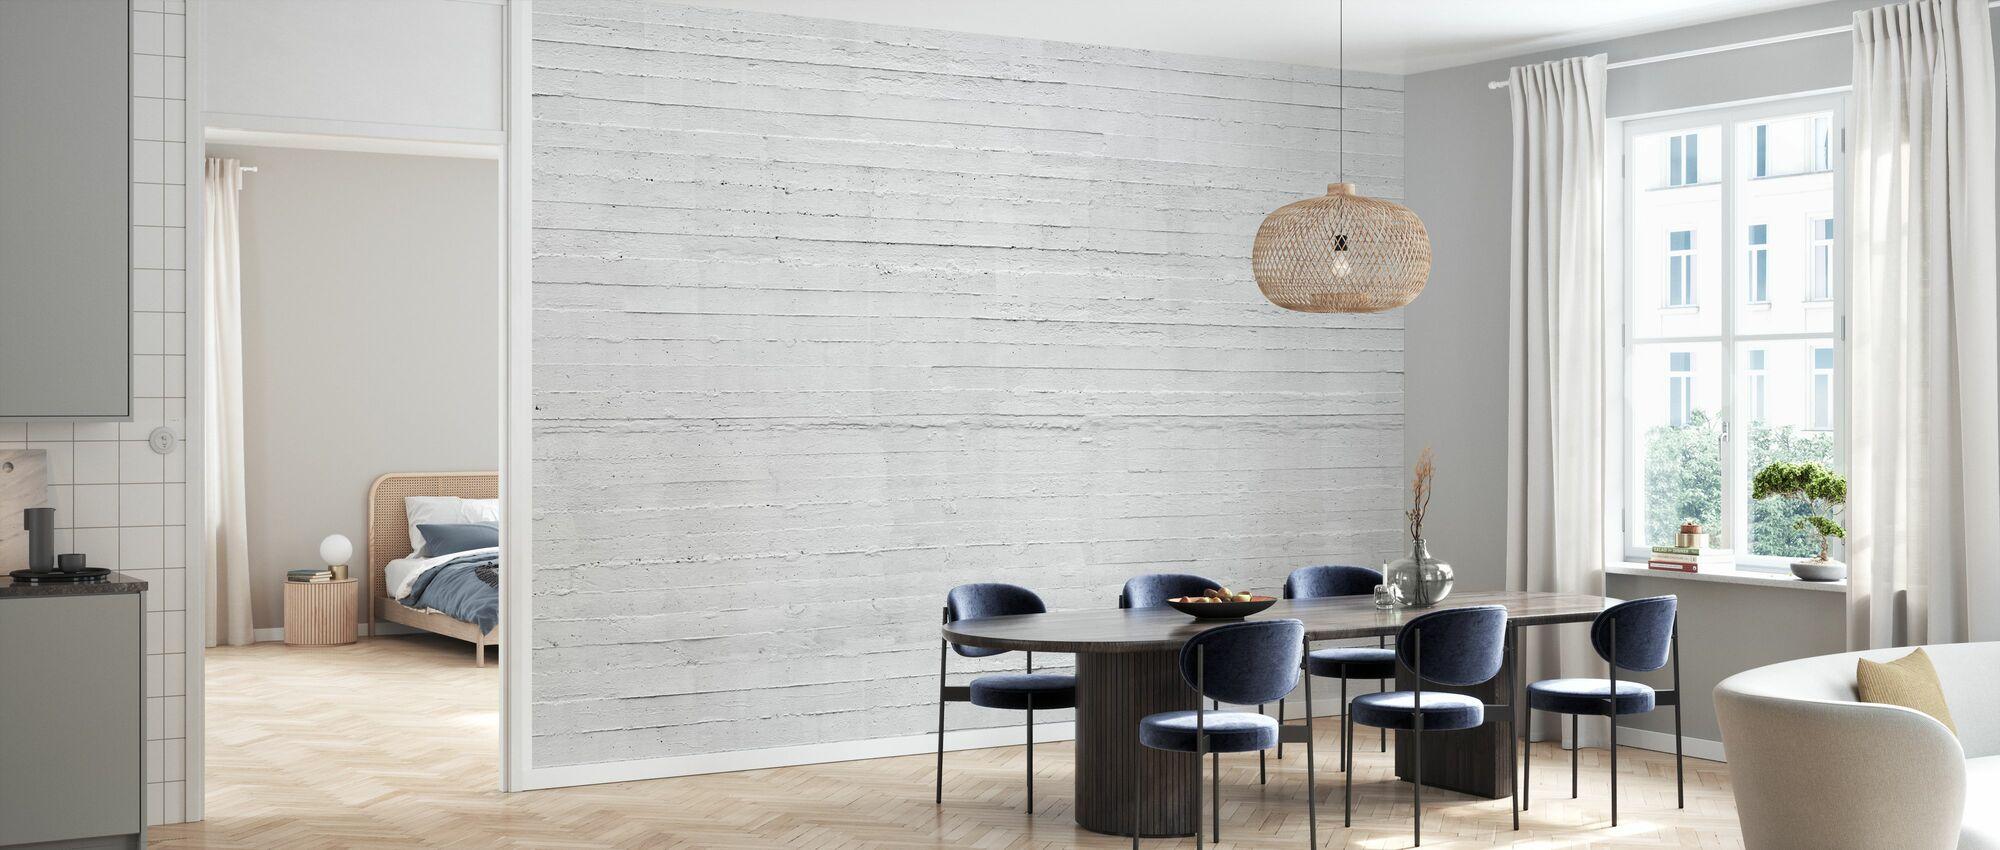 White Concrete Wall - Wallpaper - Kitchen